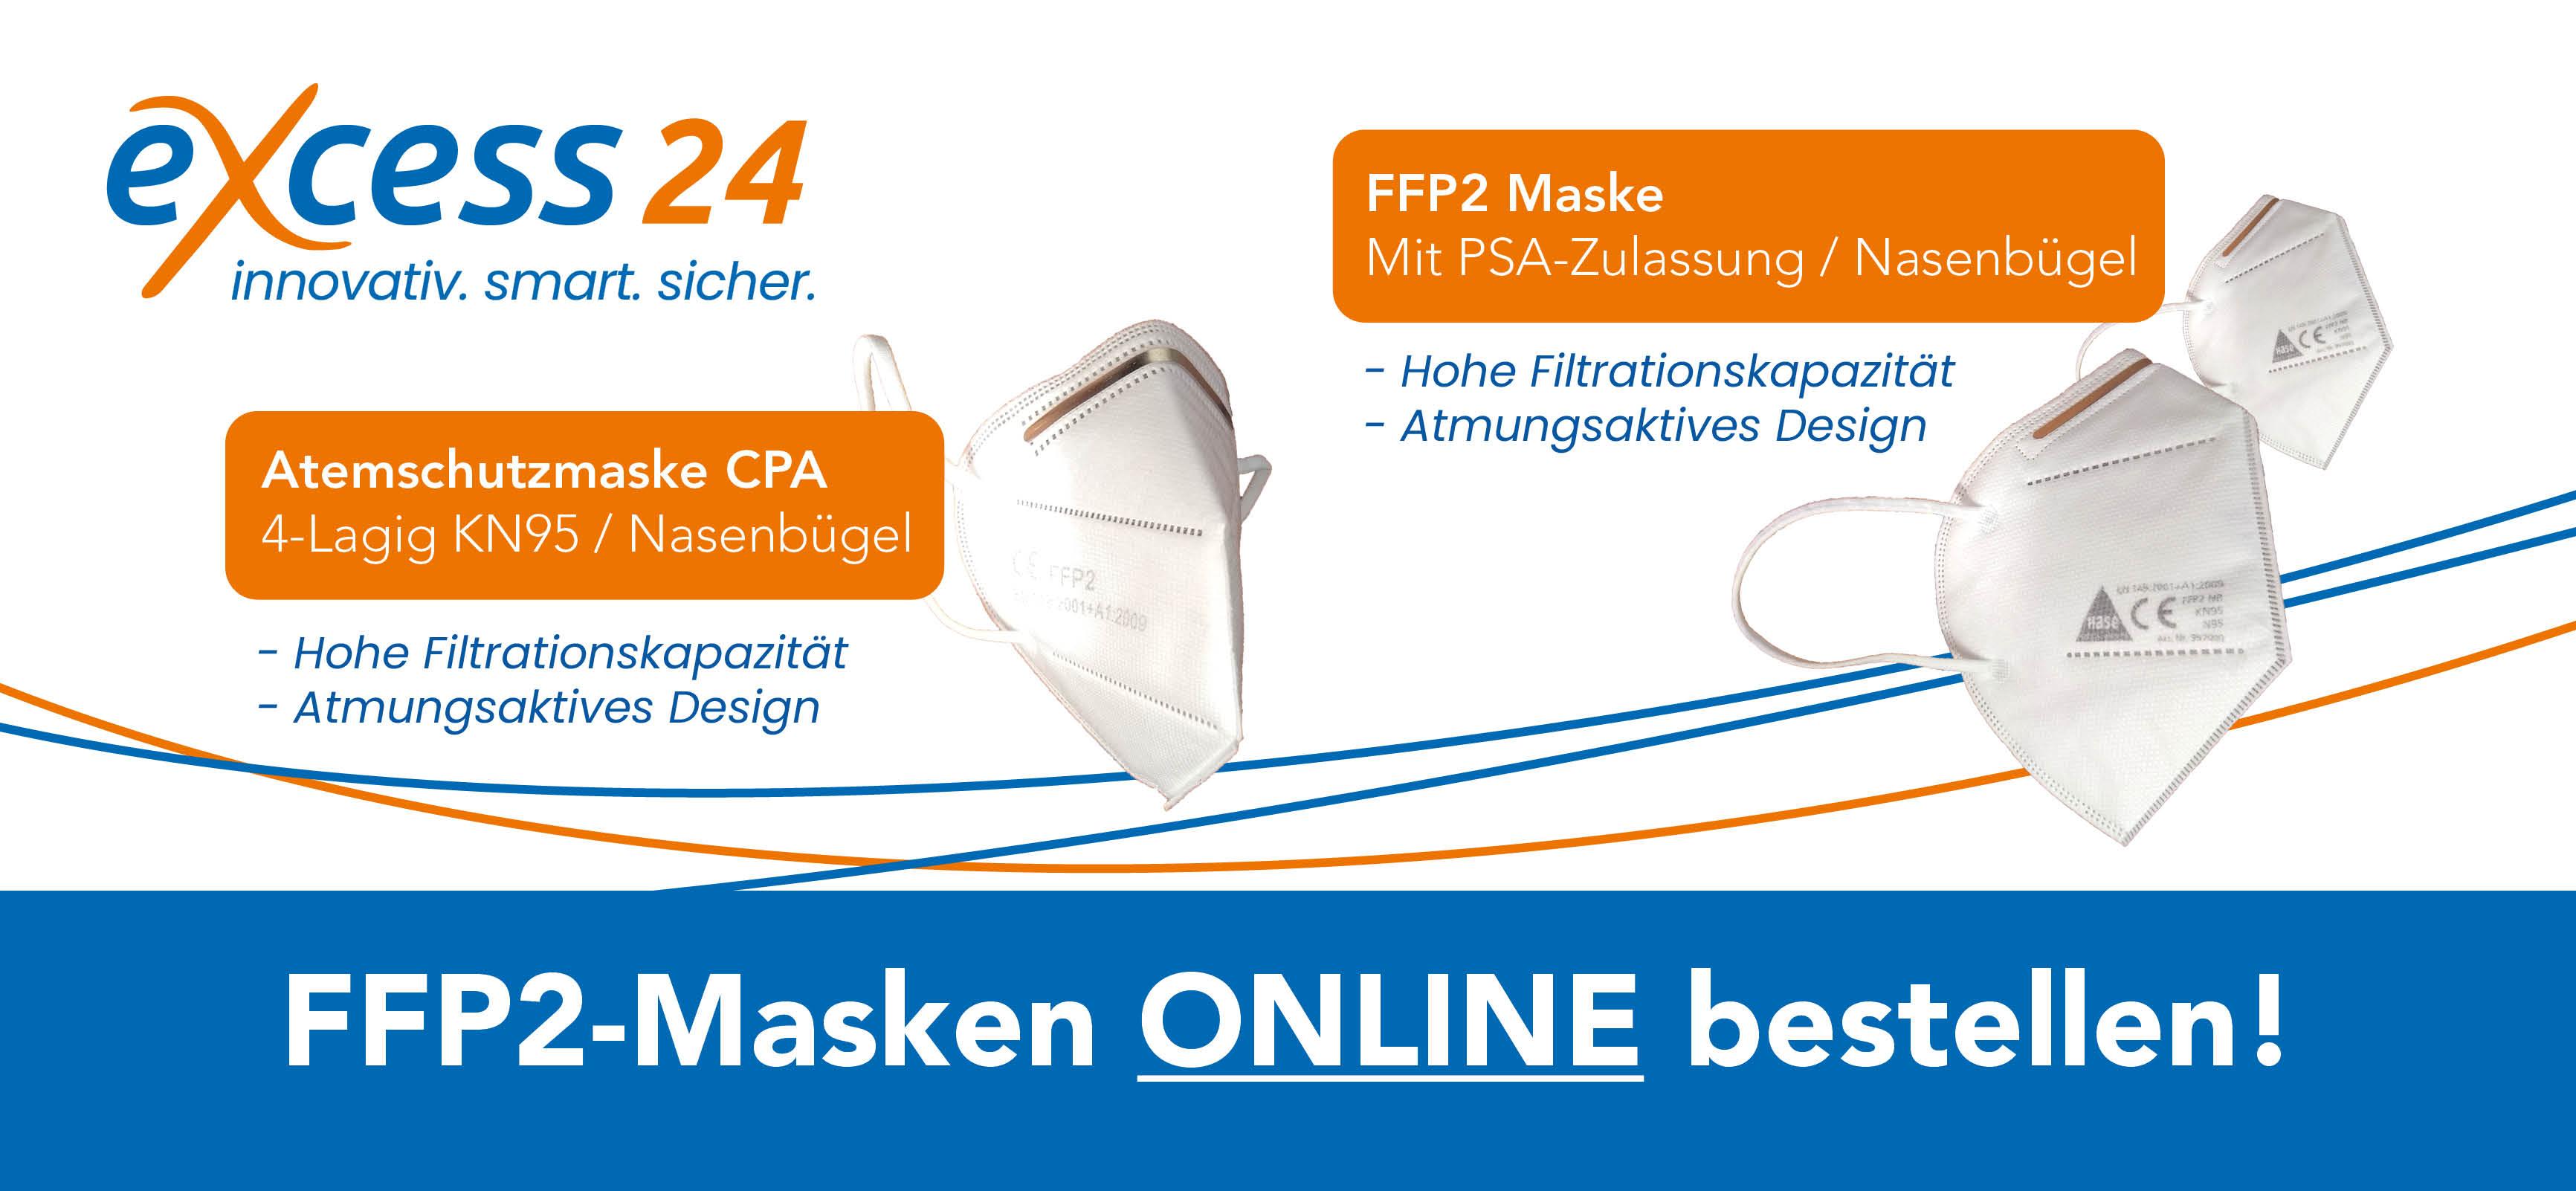 FFP2 Masken bei excess24